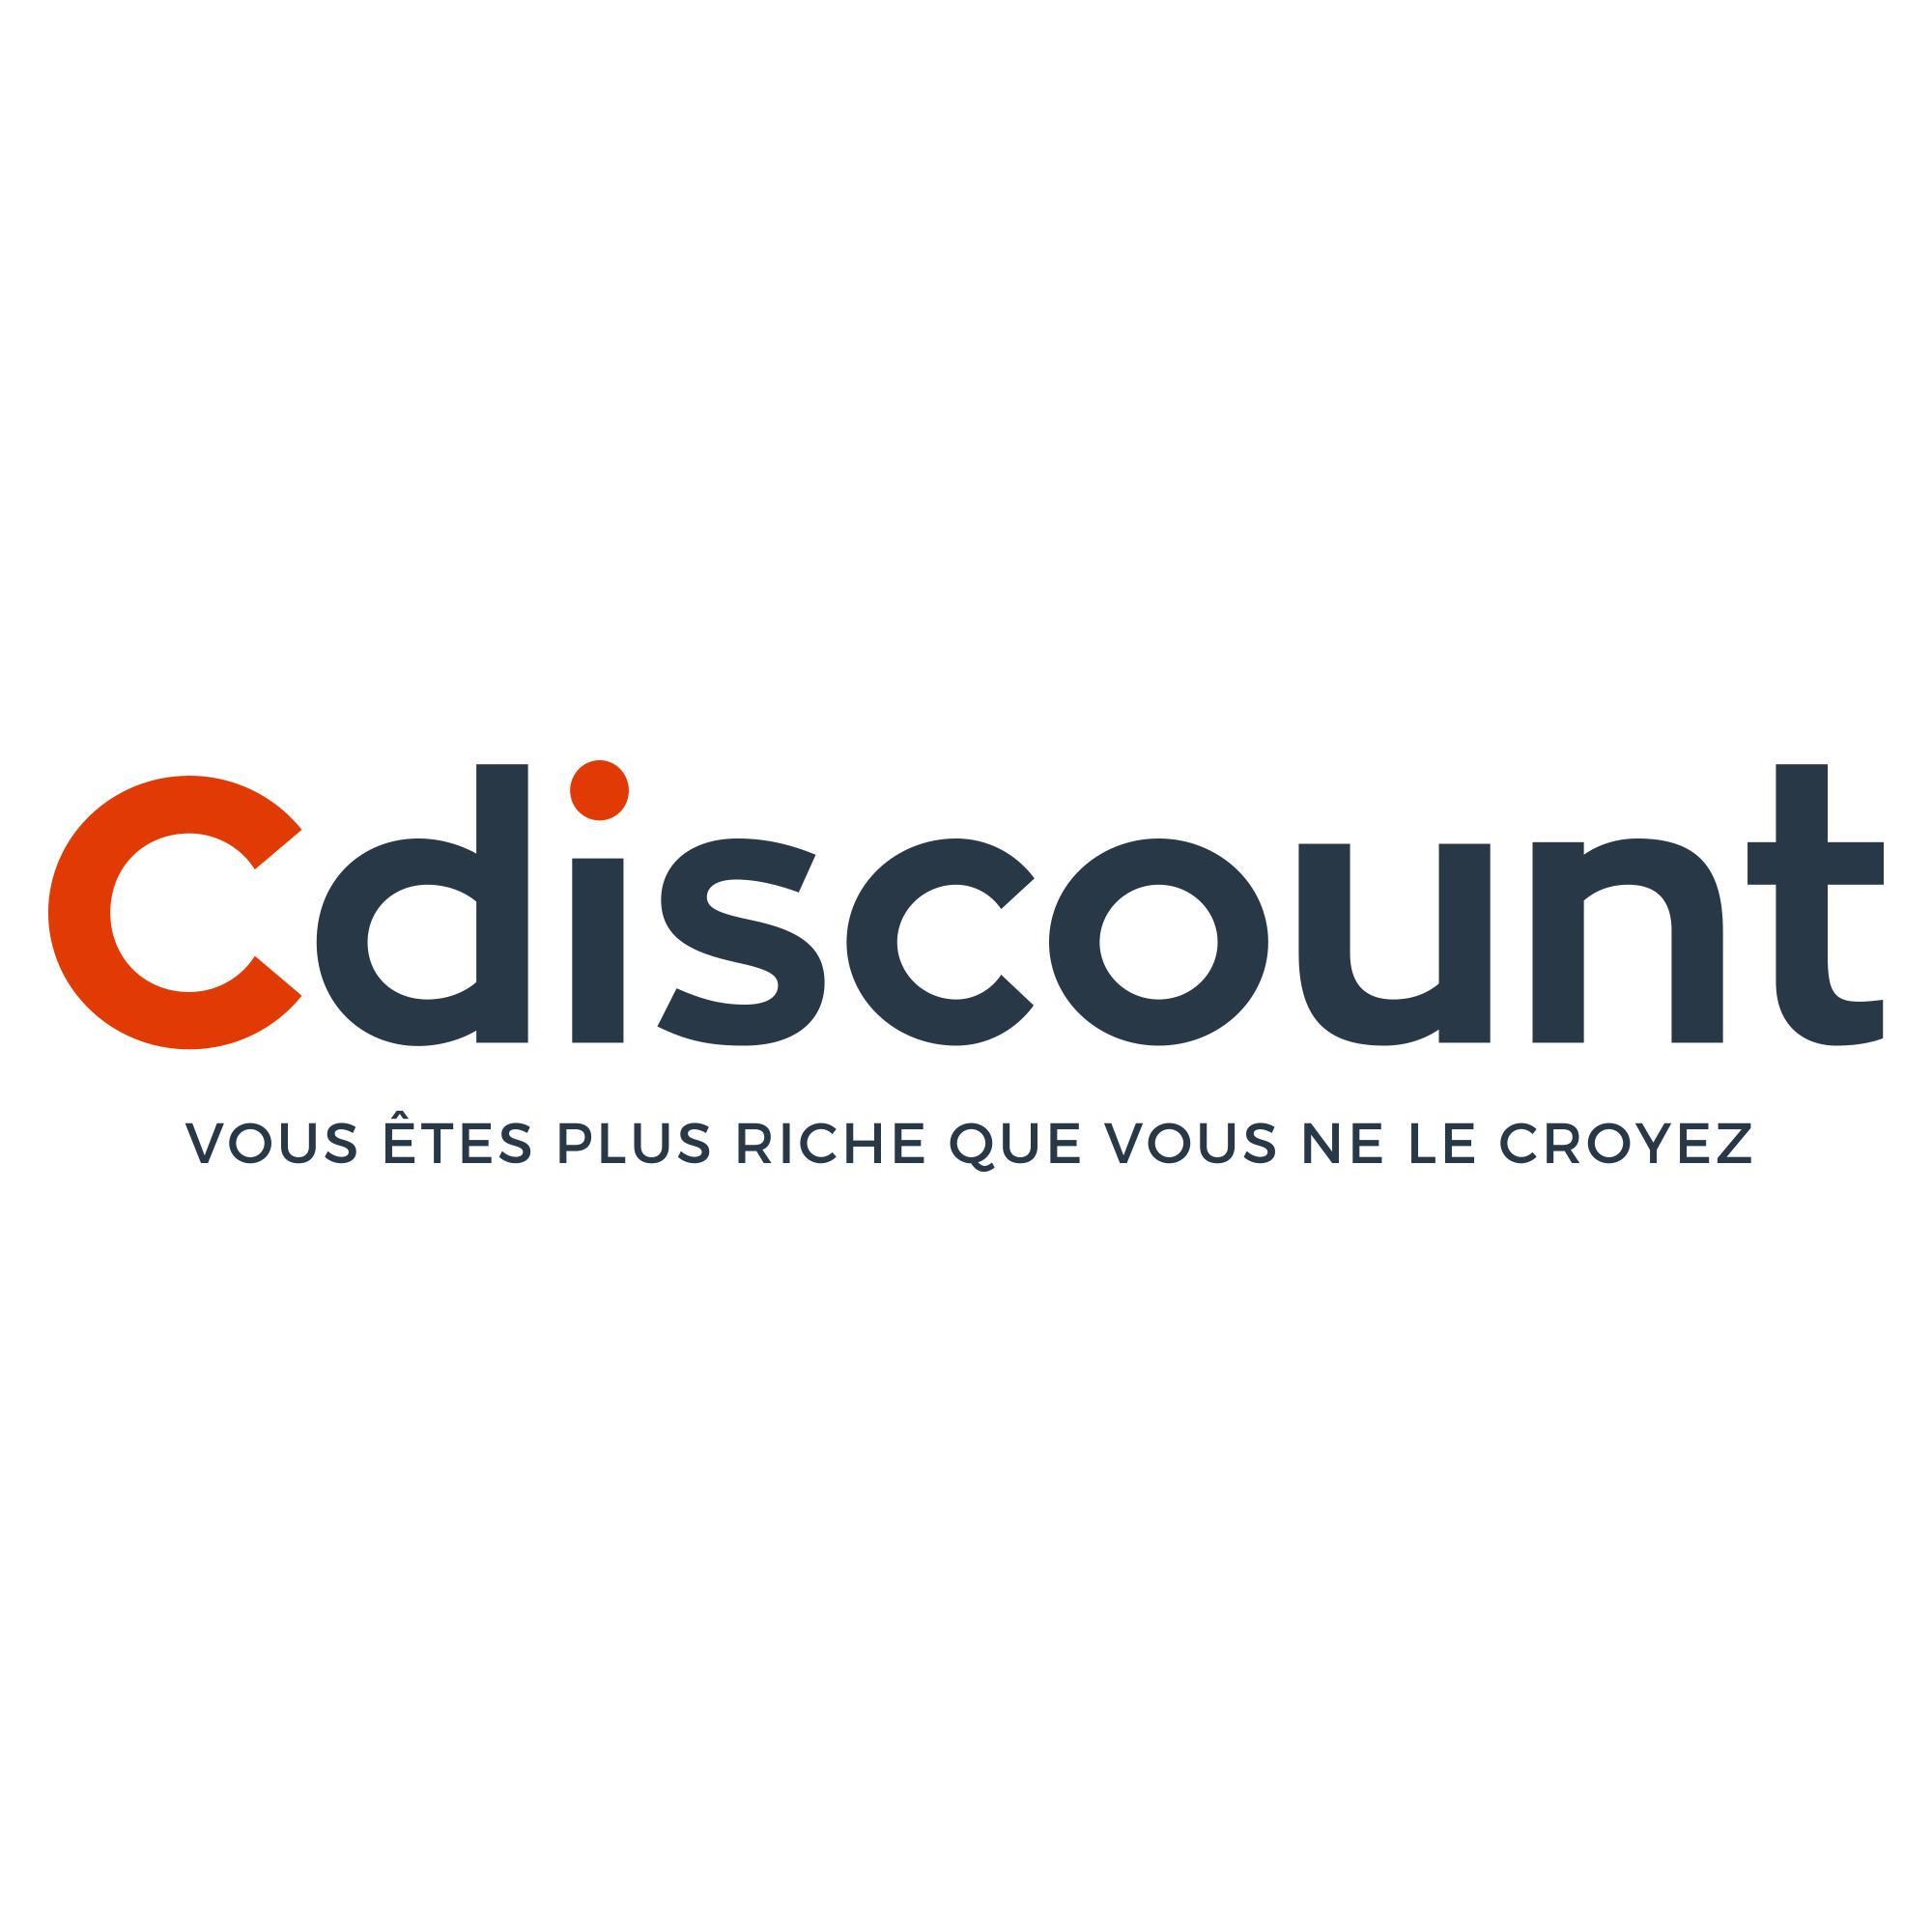 [Souscription Cdiscount à volonté] 50€ de réduction dès 249€ d'achat (Marketplace inclus - Hors exclusions)